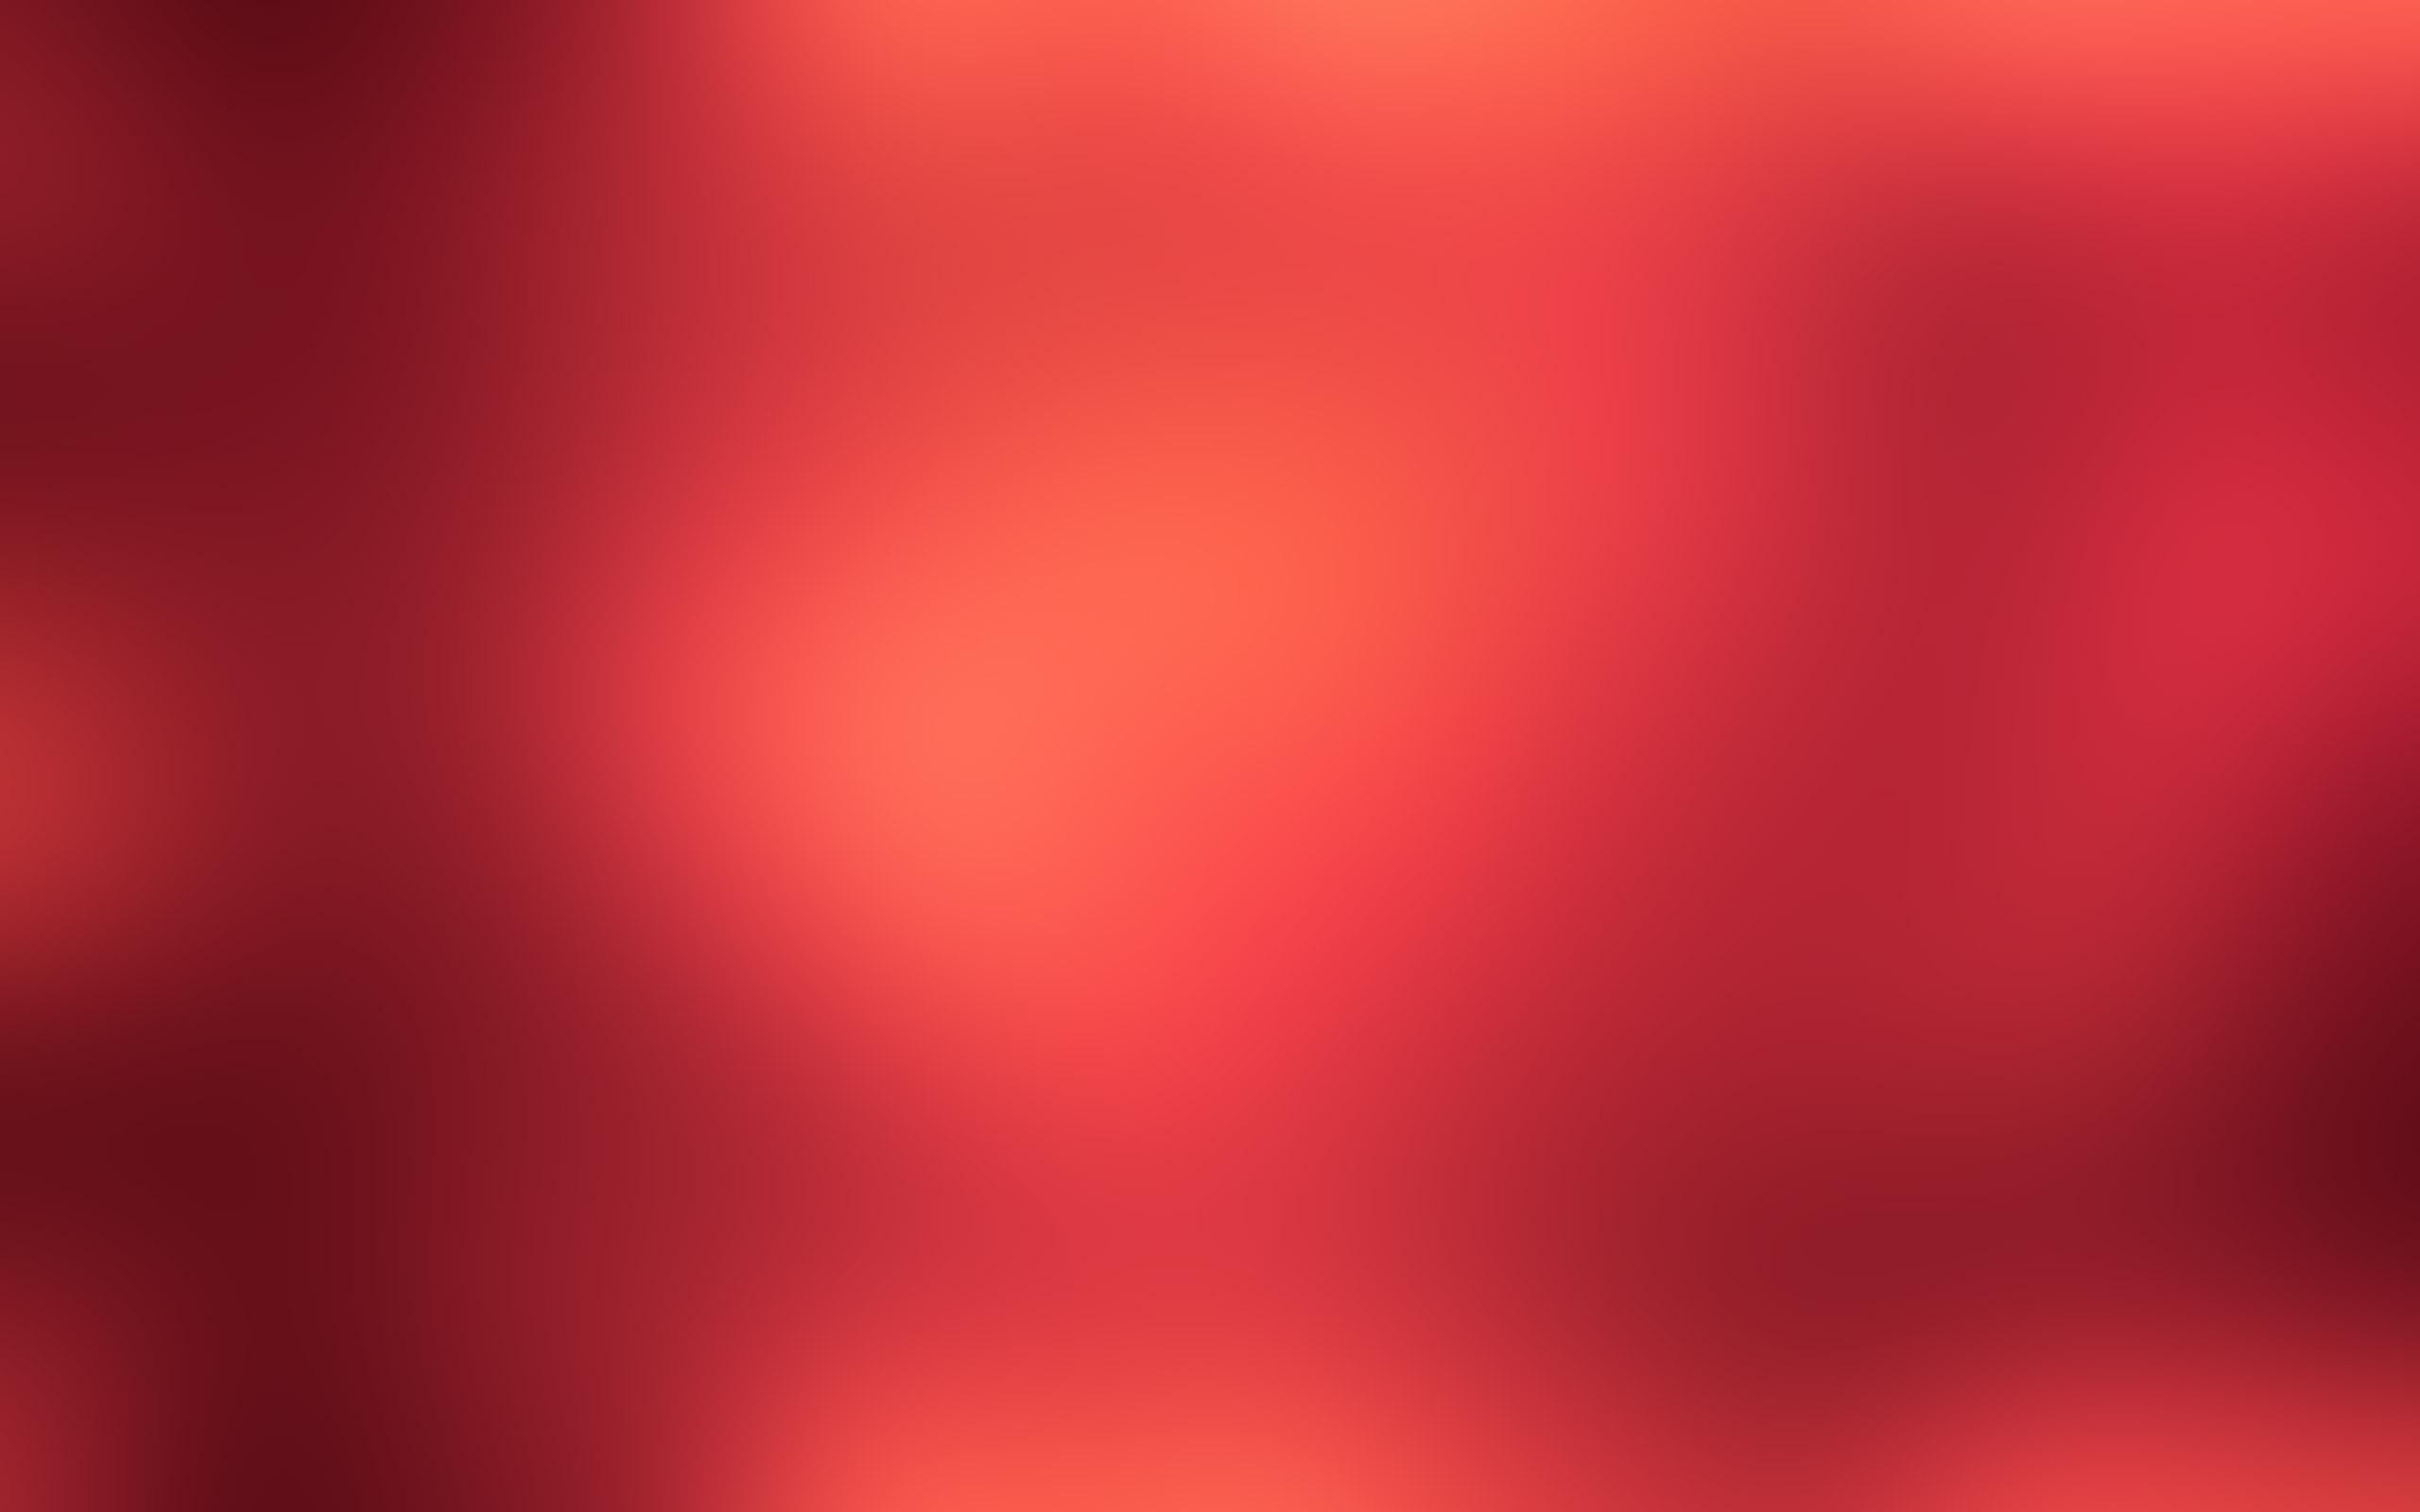 Red Gradient Wallpaper Wallpapersafari